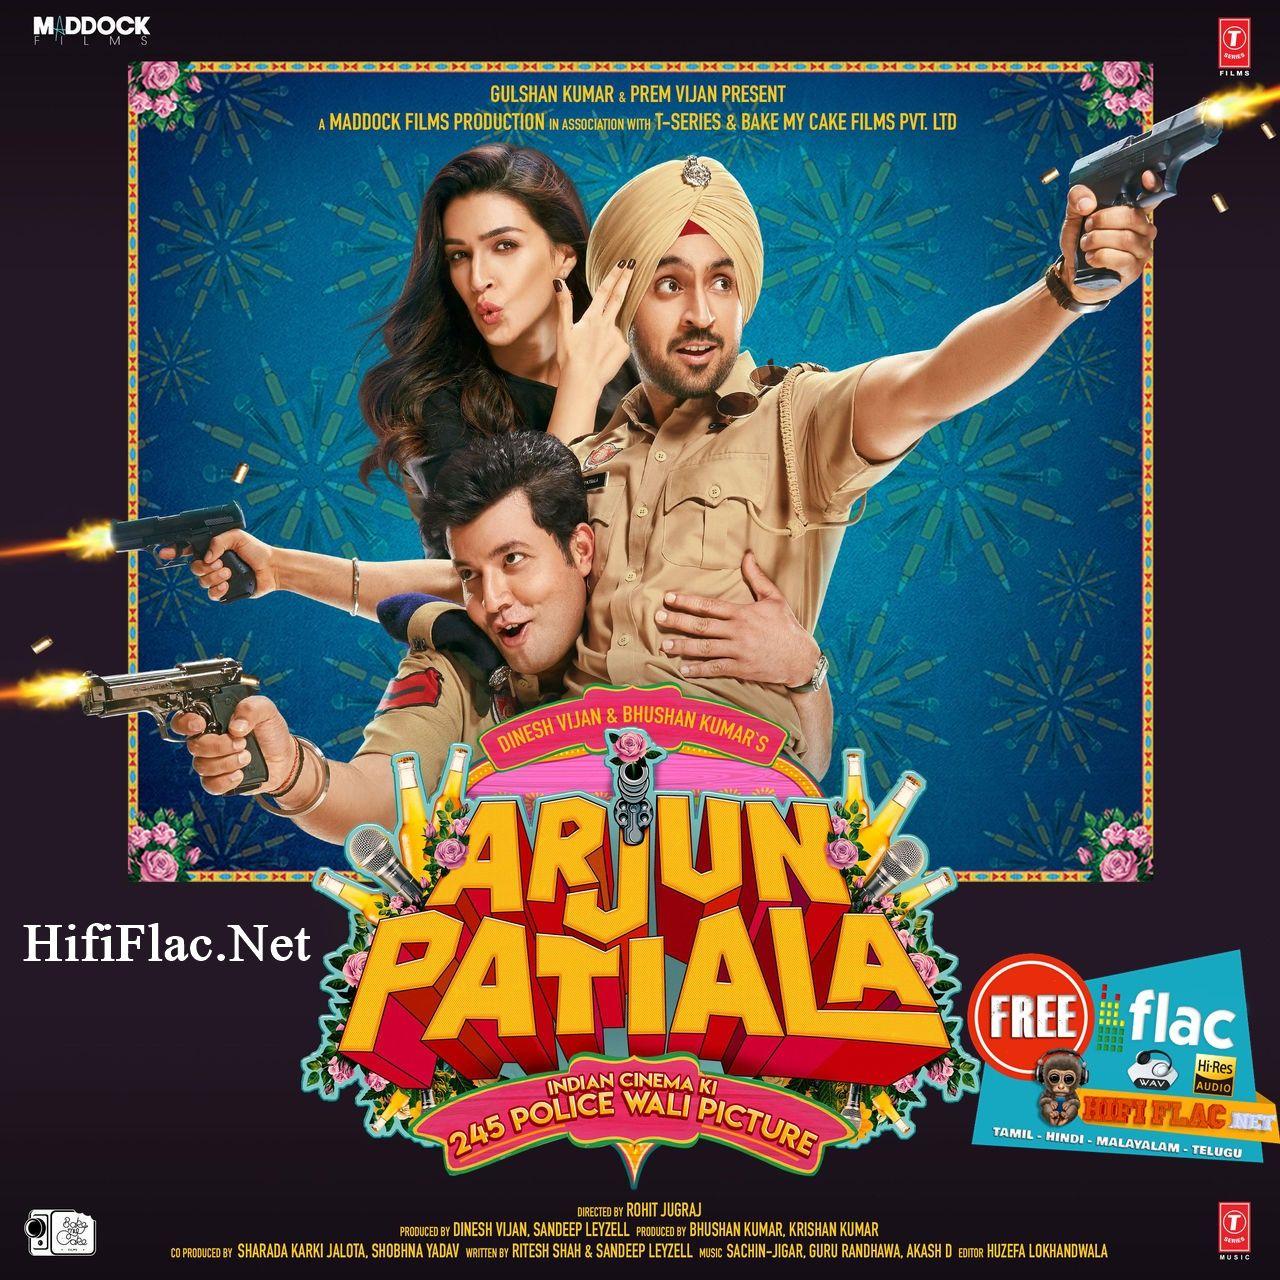 Arjun Patiala 2019 Hindi Digitalrip Wav Hindi Movie Song Watch Bollywood Movies Online Hindi Movies